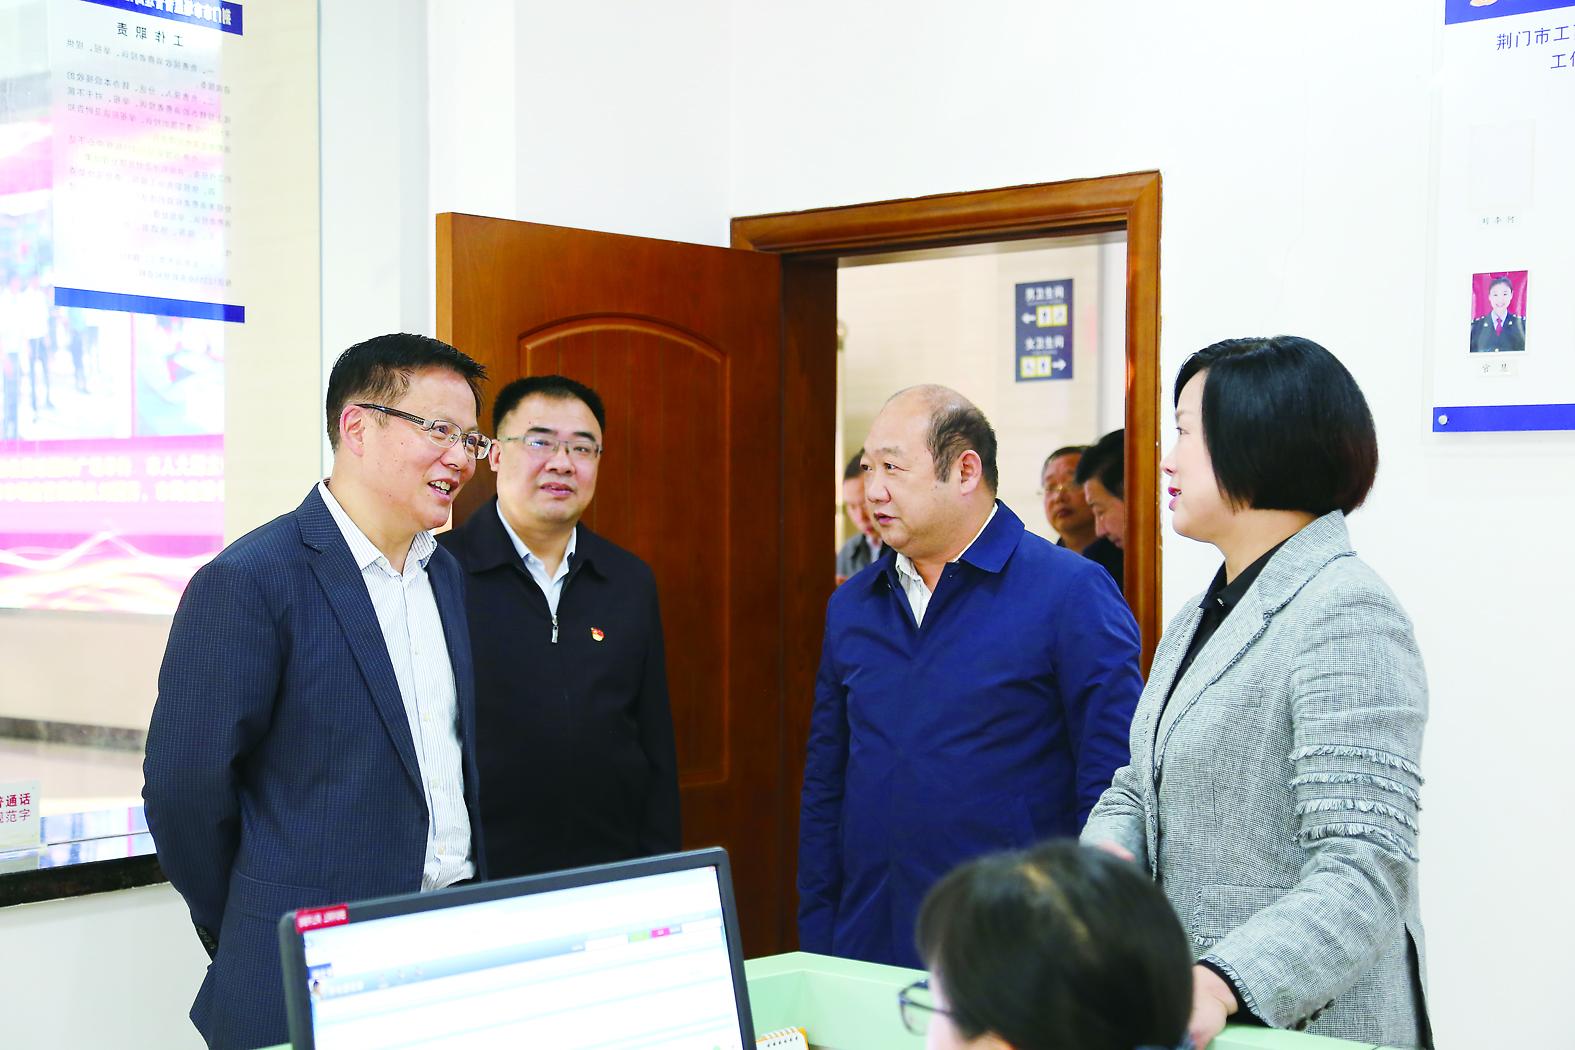 湖北省荆门市创建全国质量强市示范城市纪实